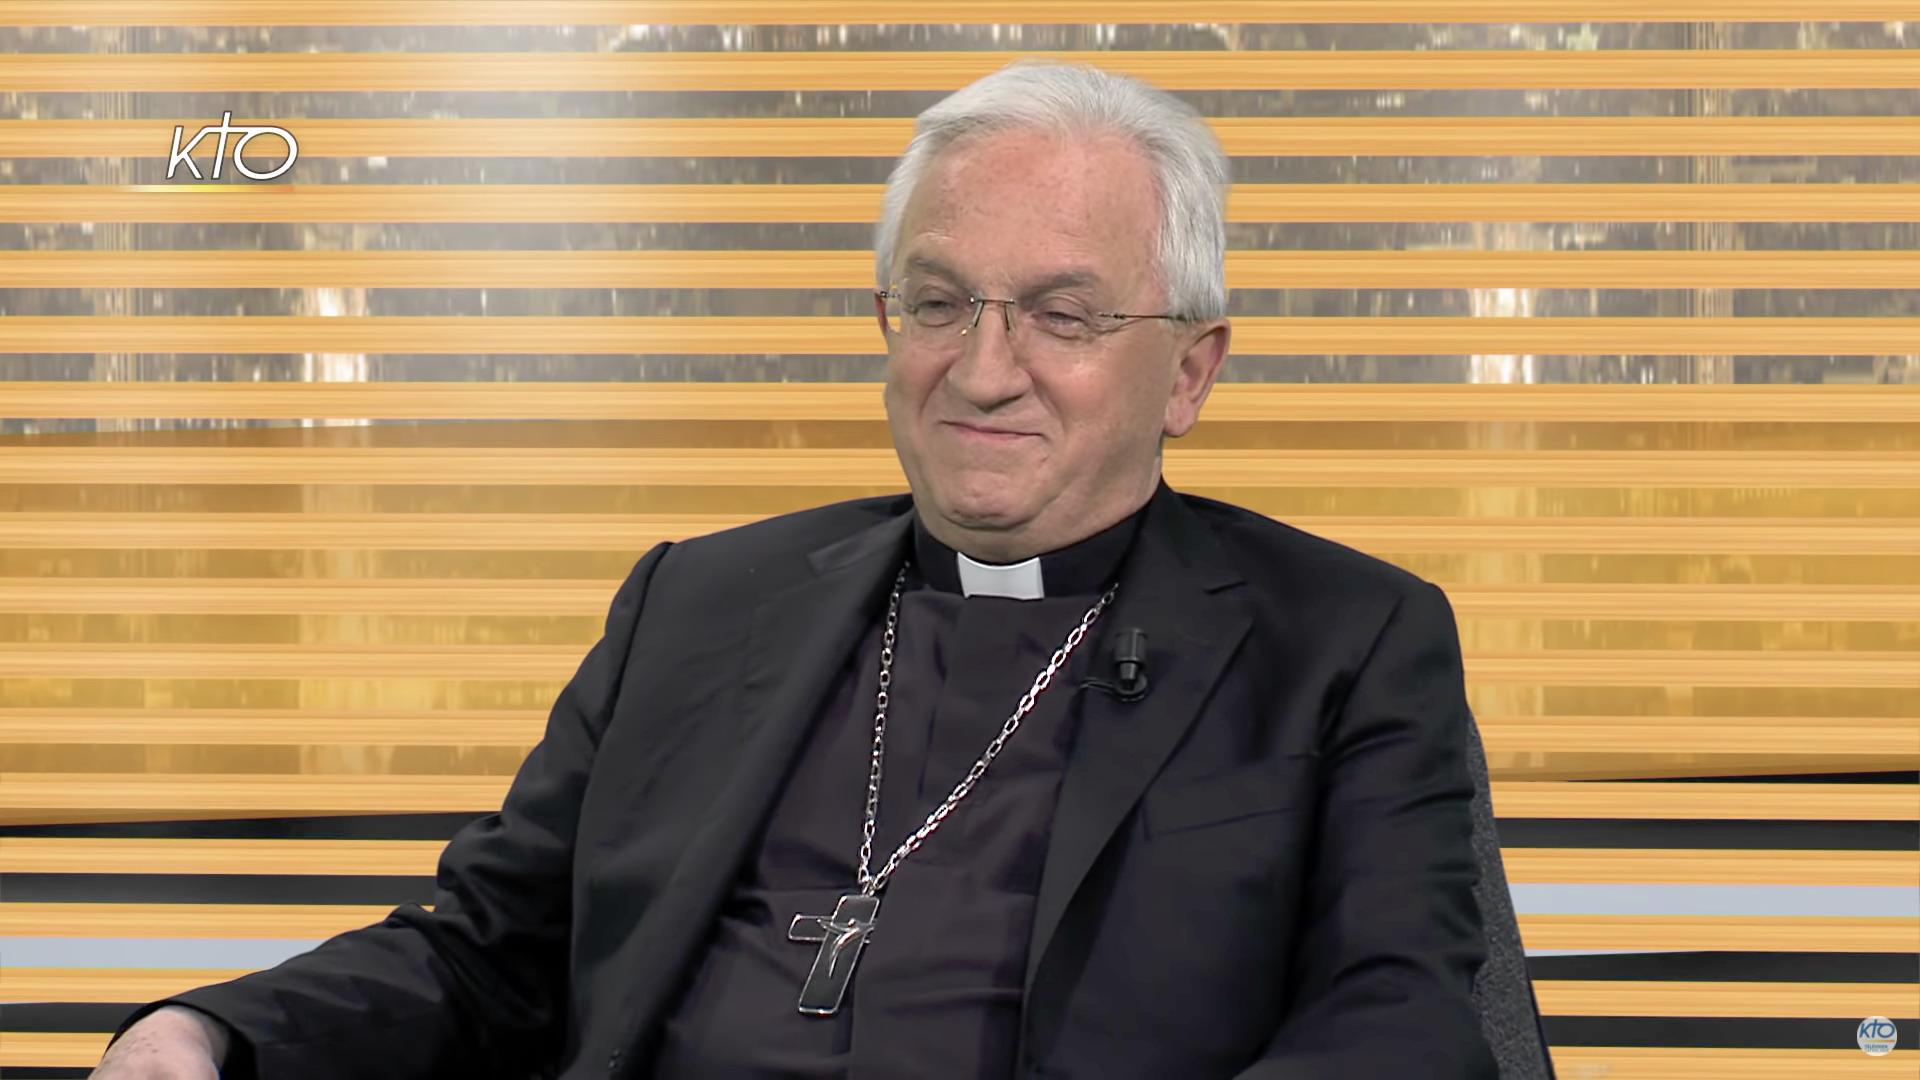 Mgr Celestino Migliore, capture @ Kto.Tv